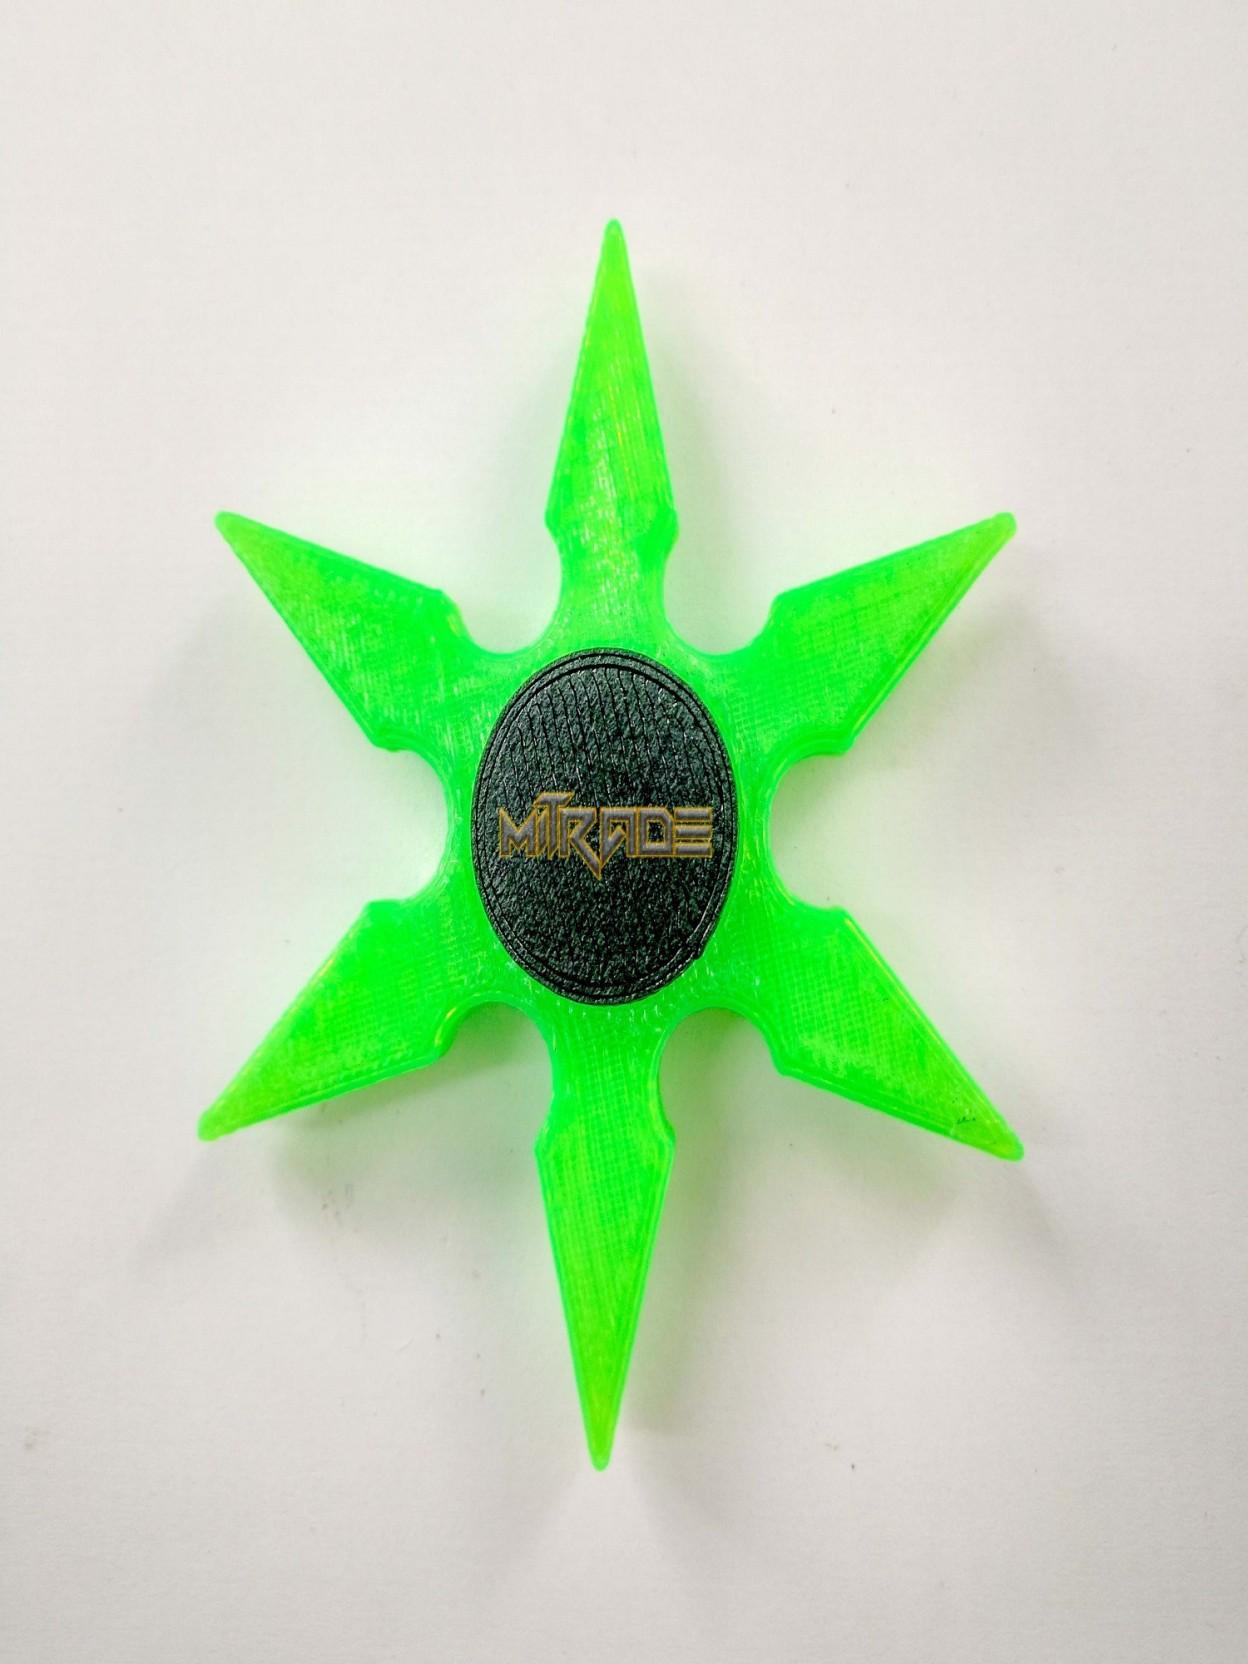 Mitrade Ninja Shurikken Fidget Spinner Crescent Tri Bar Handspinner Home